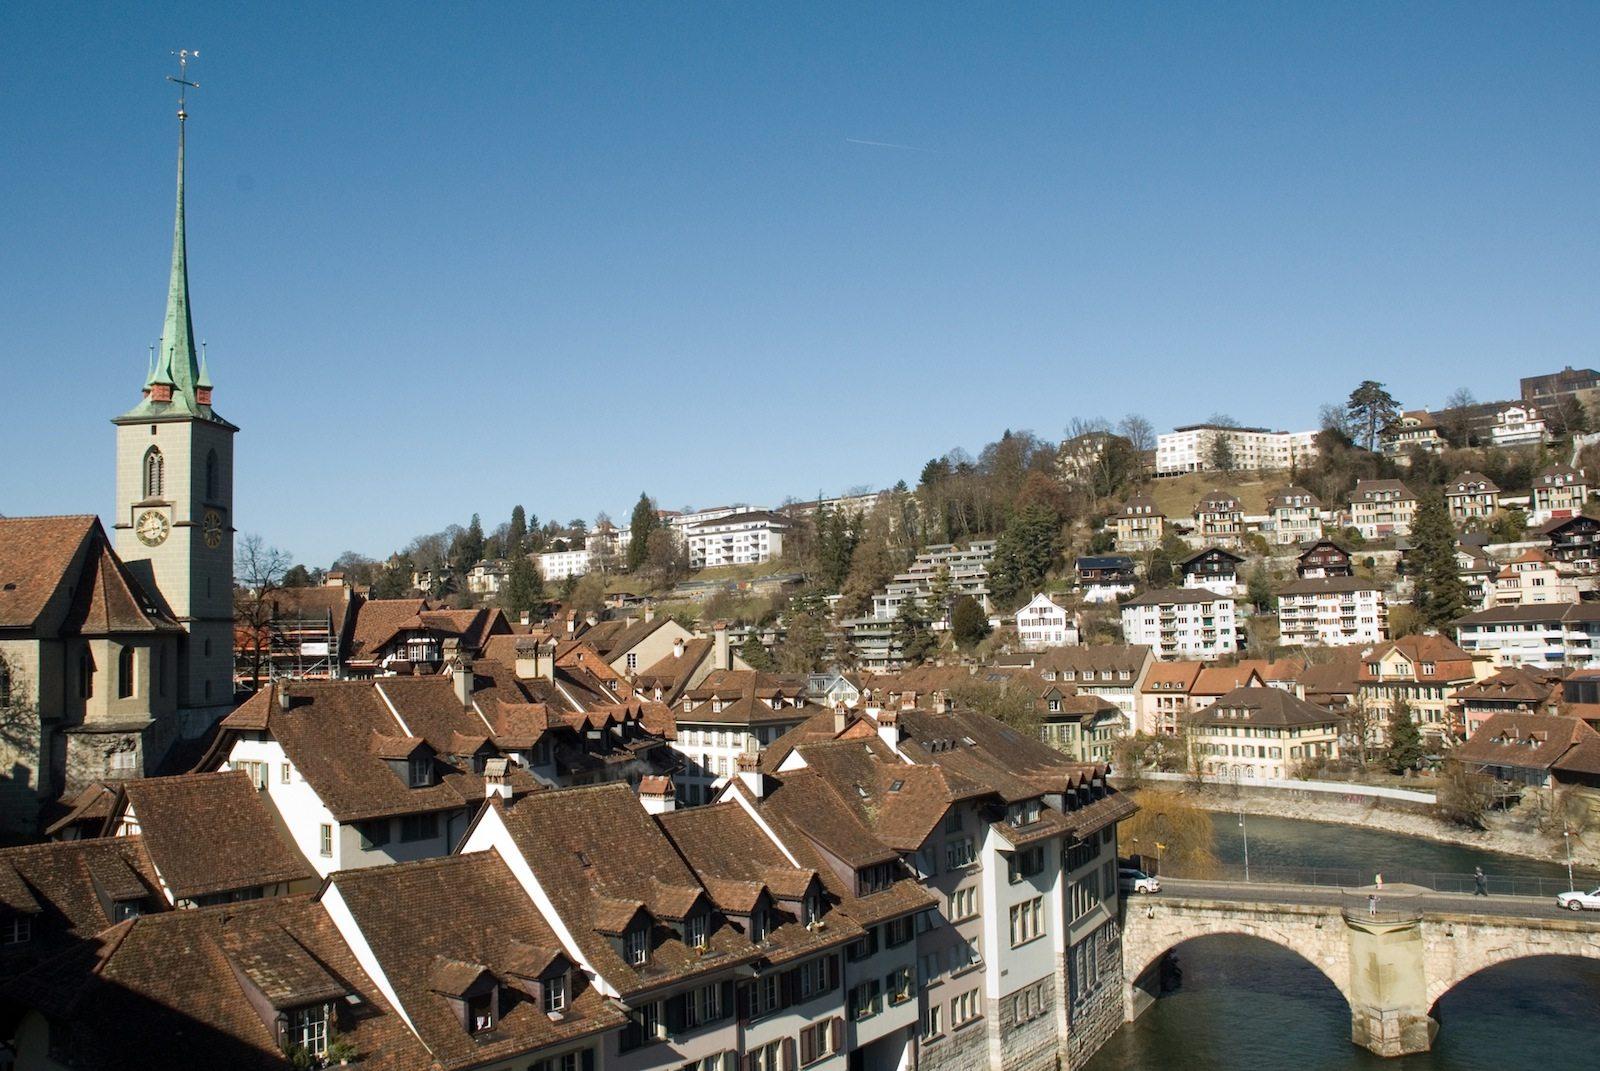 Verbindung. Die Untertorbrücke ist Berns älteste Brücke und eine der ältesten Steinbrücke der Schweiz, fertiggestellt 1487.